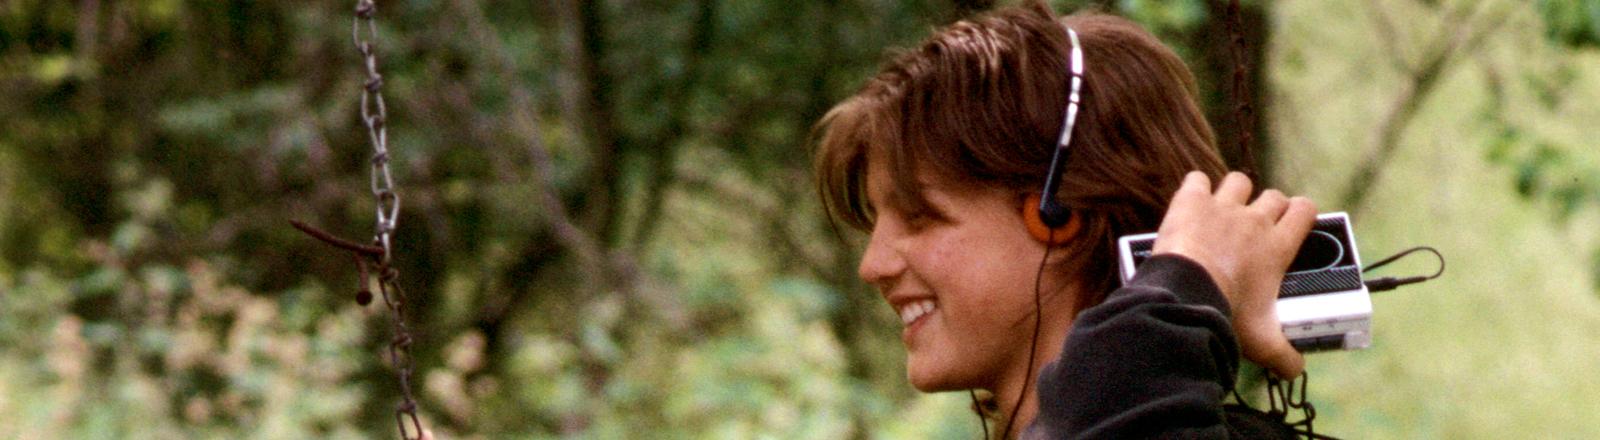 Ein junges Mädchen trägt einen Walkman. Am 1. Juli 1979 stellte Sony seinen ersten Walkman vor.